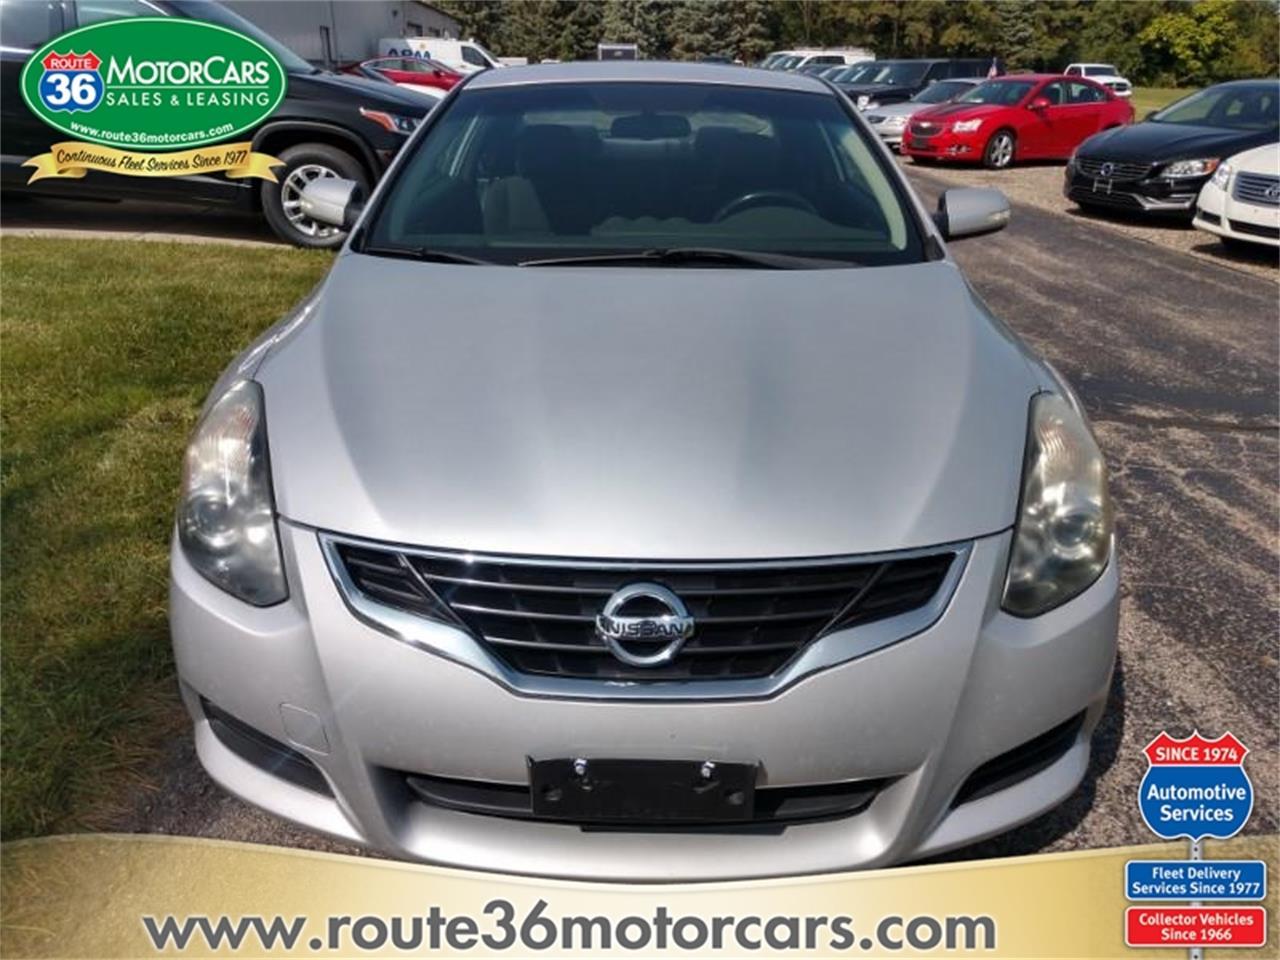 2012 Nissan Altima (CC-1392491) for sale in Dublin, Ohio